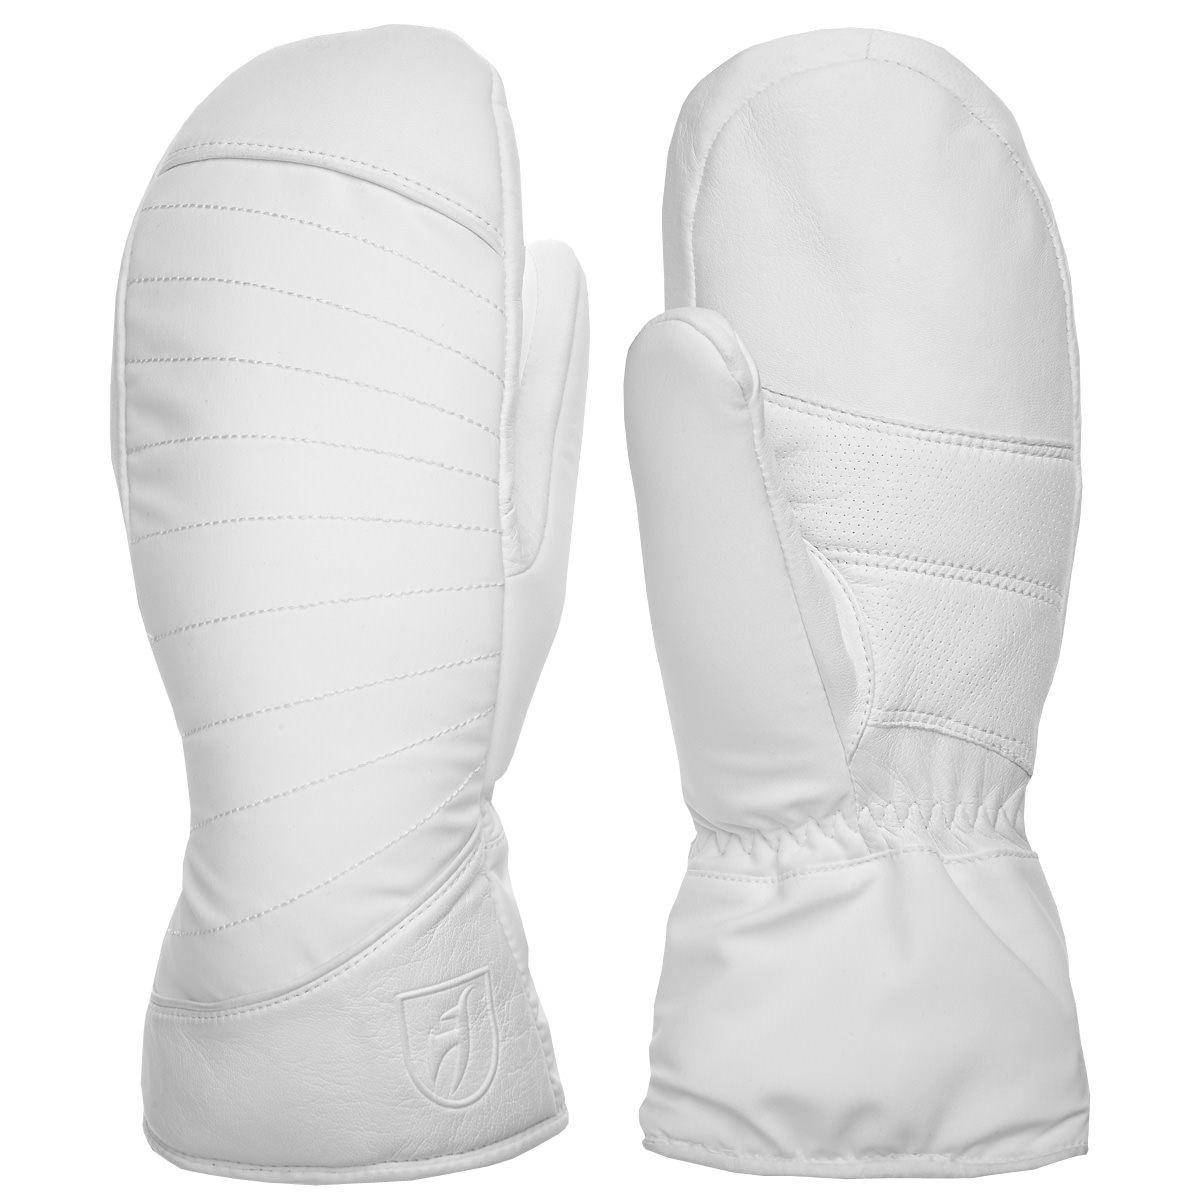 Toni Sailer Cata Glove bright white